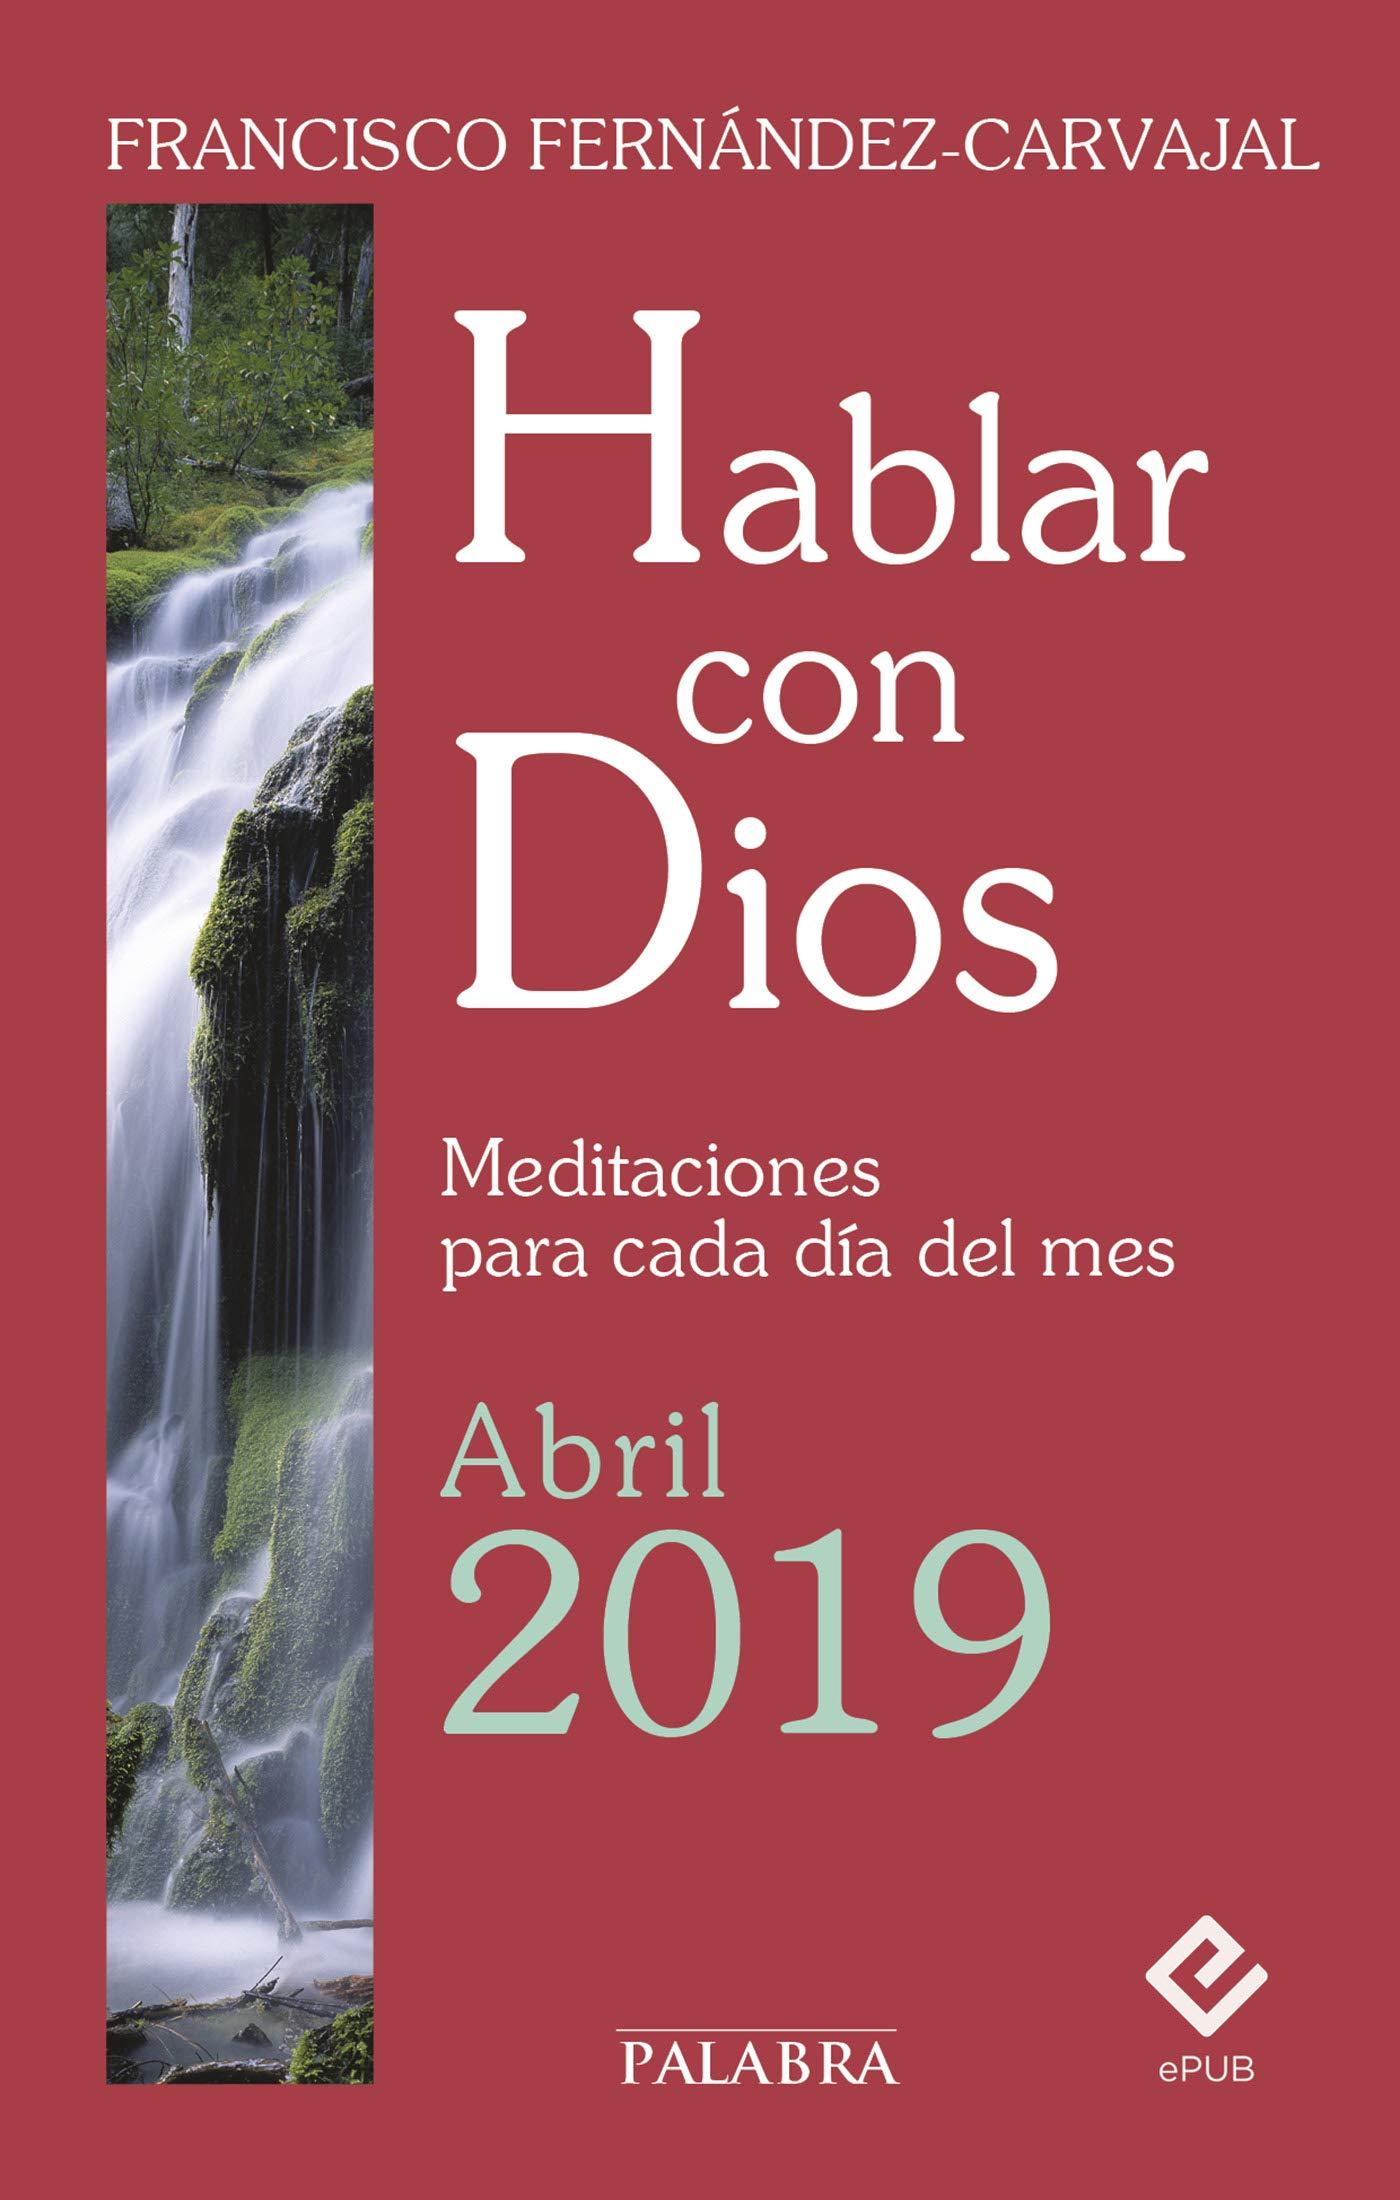 Hablar con Dios - Abril 2019